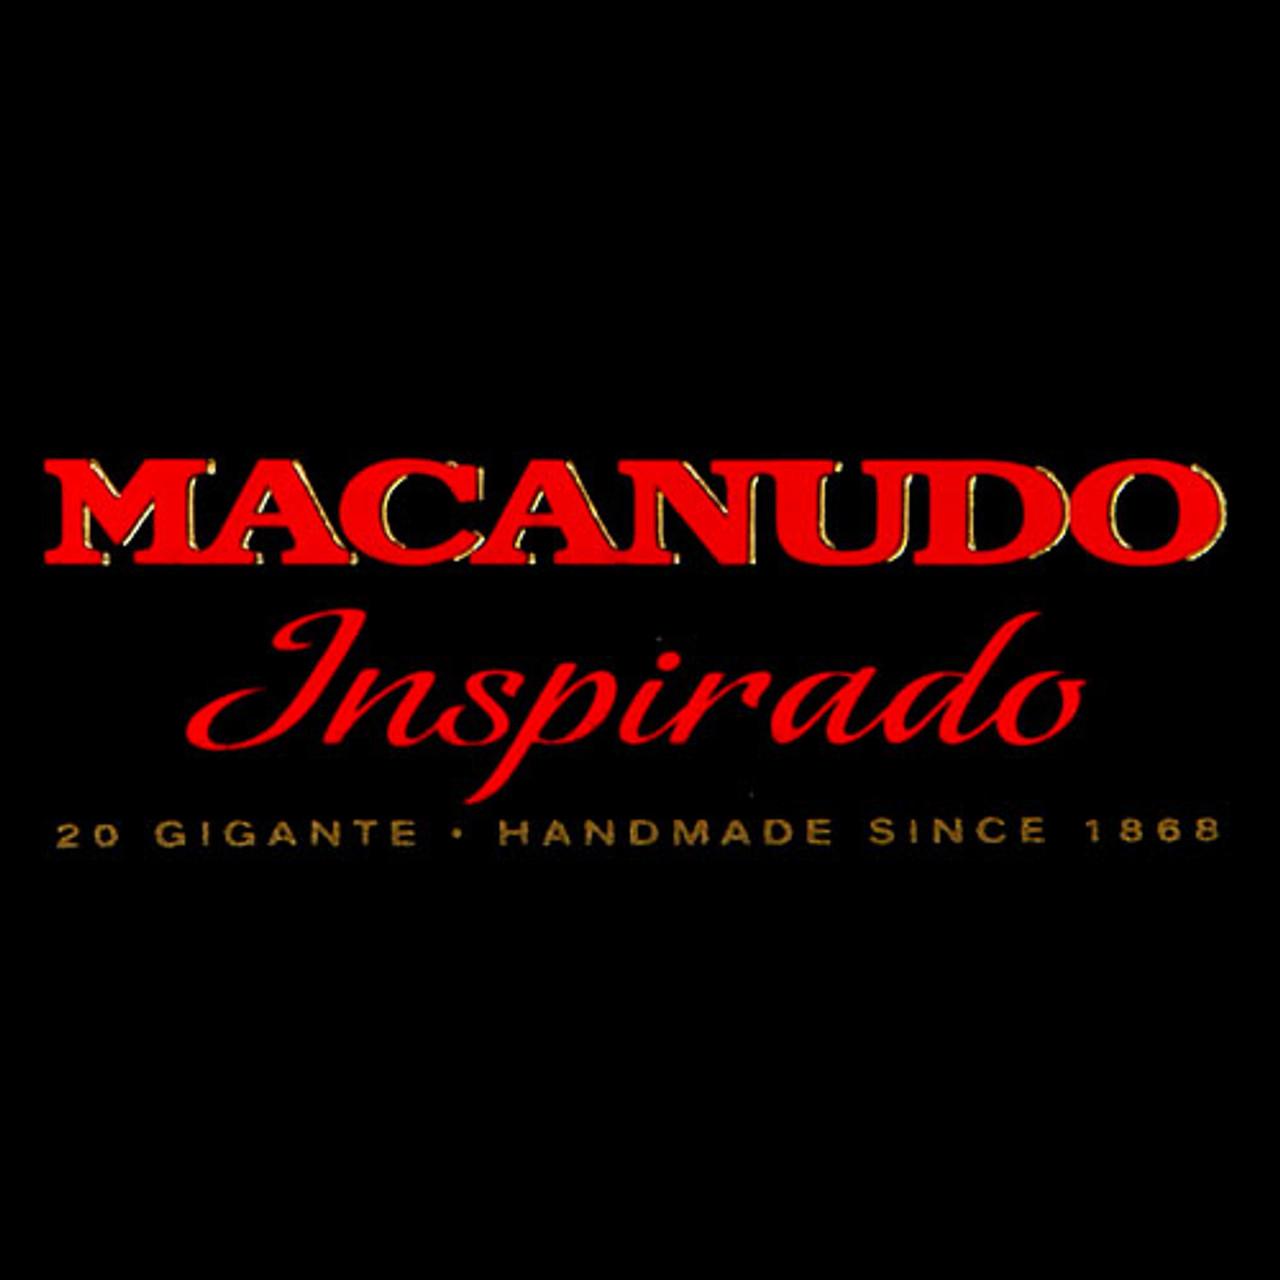 Macanudo Inspirado Black Robusto Cigars - 4.88 x 48 (Box of 20)